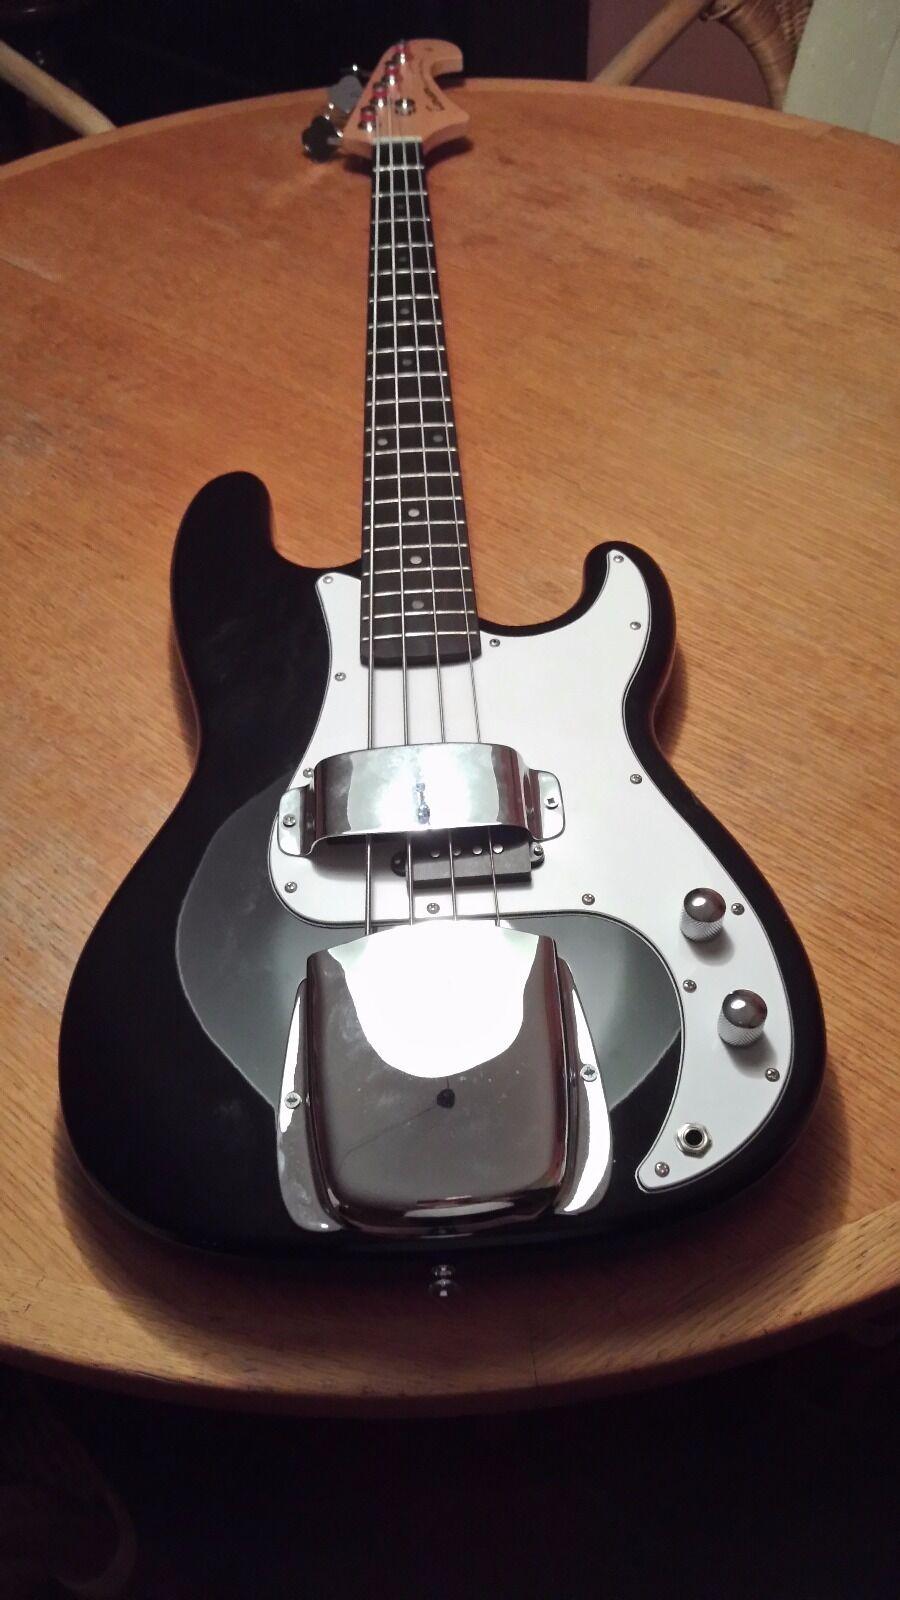 E-Bassgitarre E-Bassgitarre E-Bassgitarre - Inkl. Gig-Bag und Gurt in schwarz fafde1